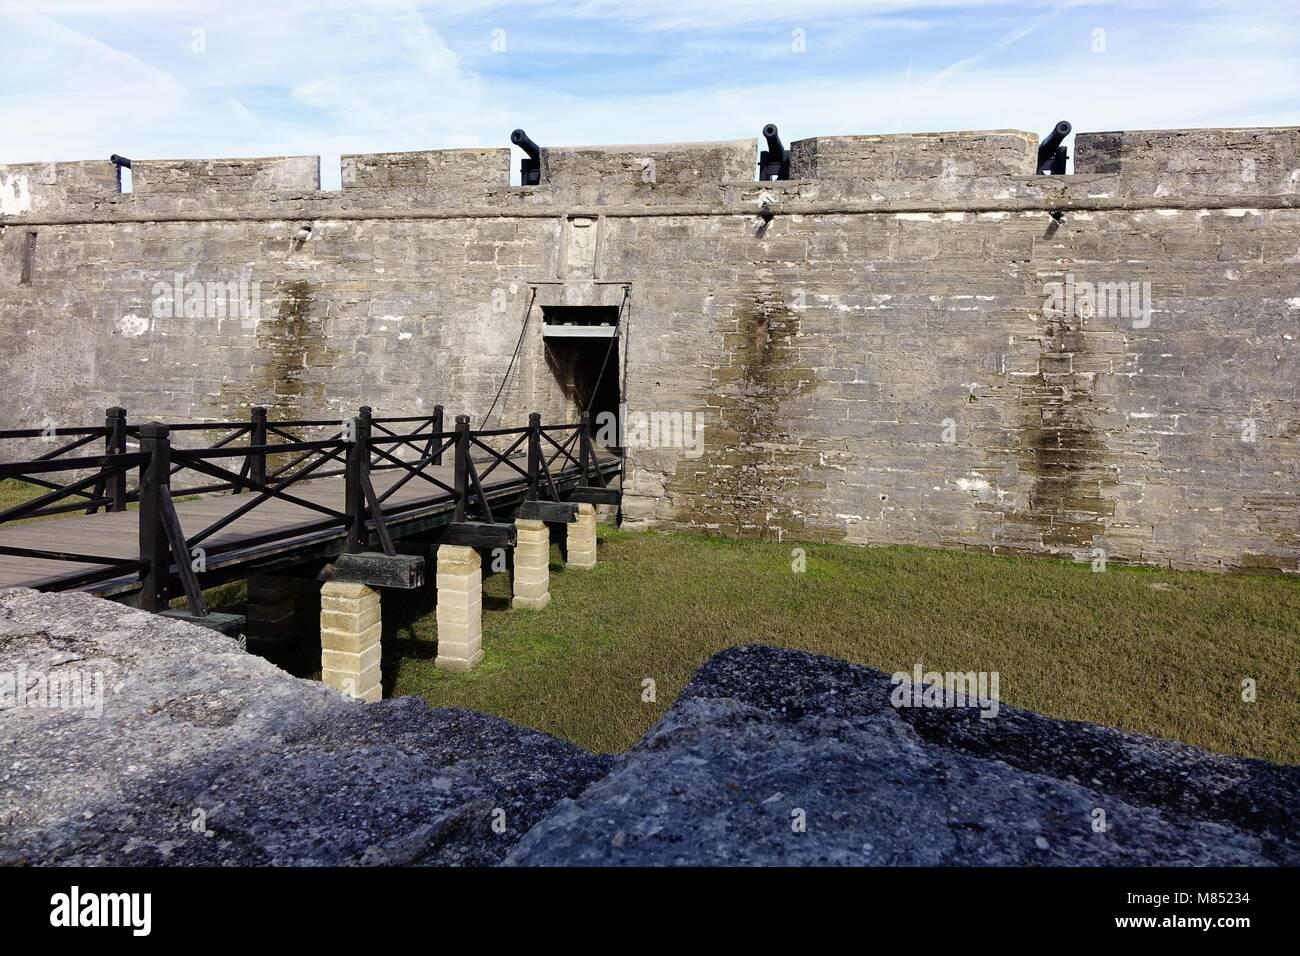 Entrance to Castillo de San Marcos, St. Augustine, Florida. Cannons ...